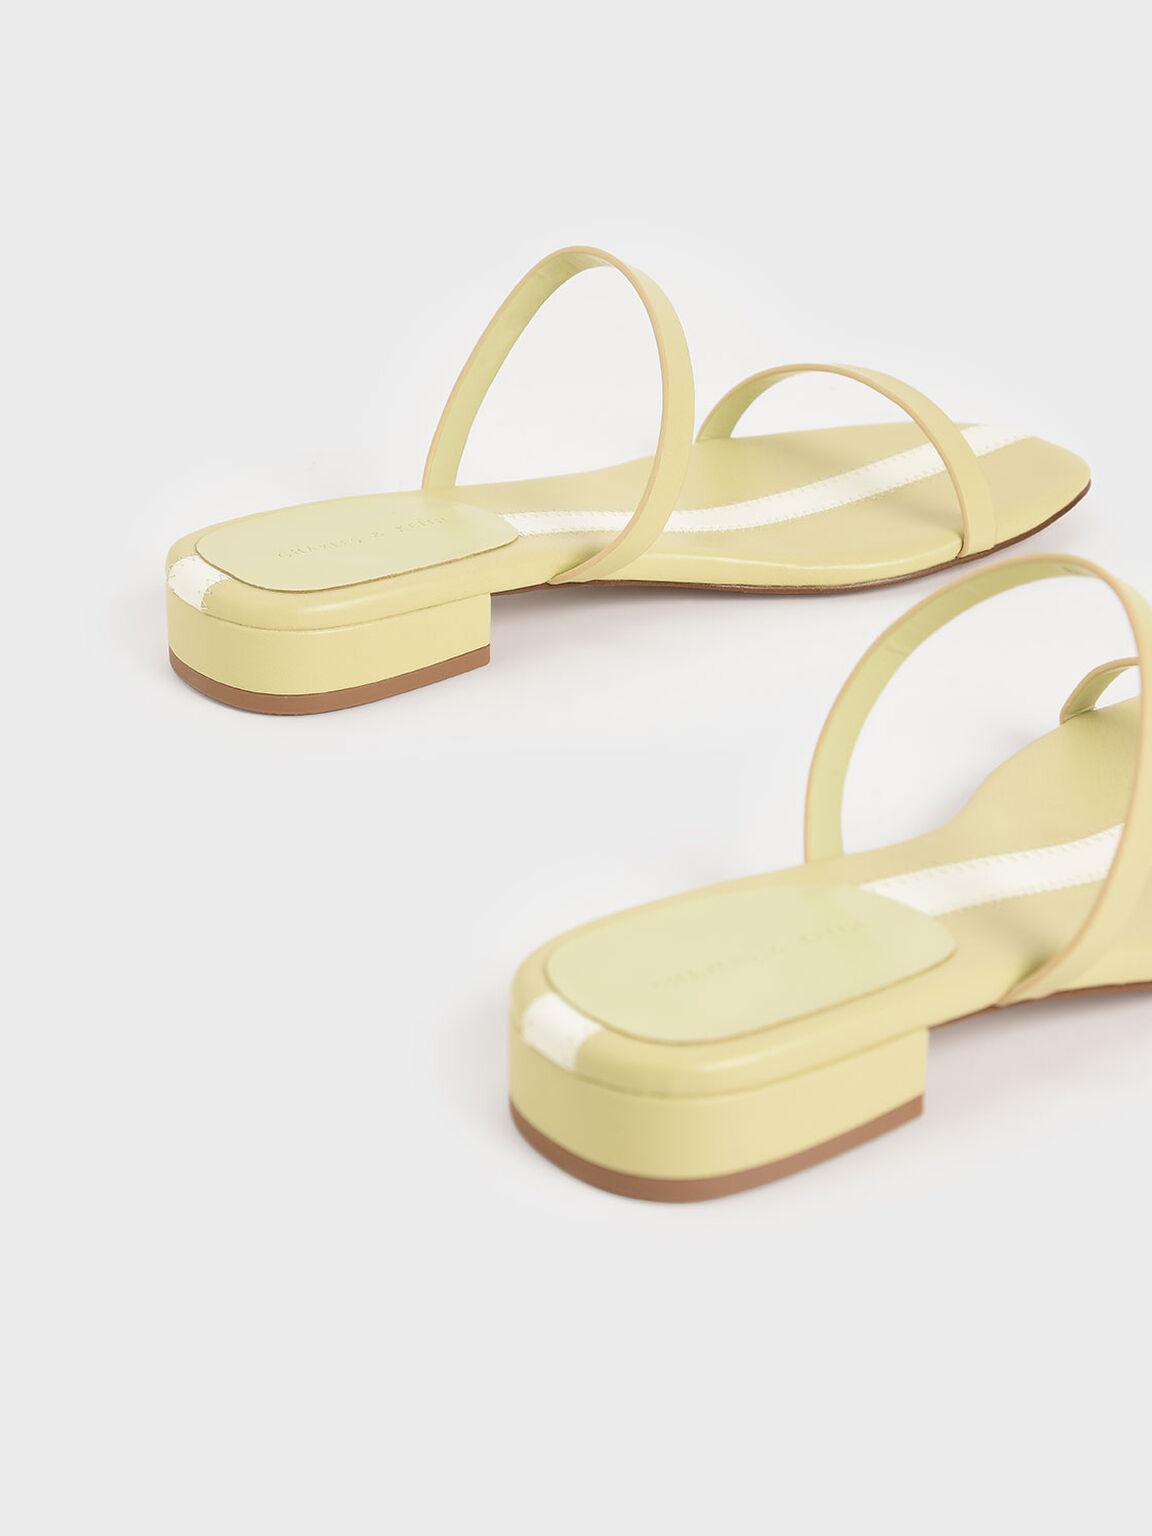 率性細帶拖鞋, 黃色, hi-res